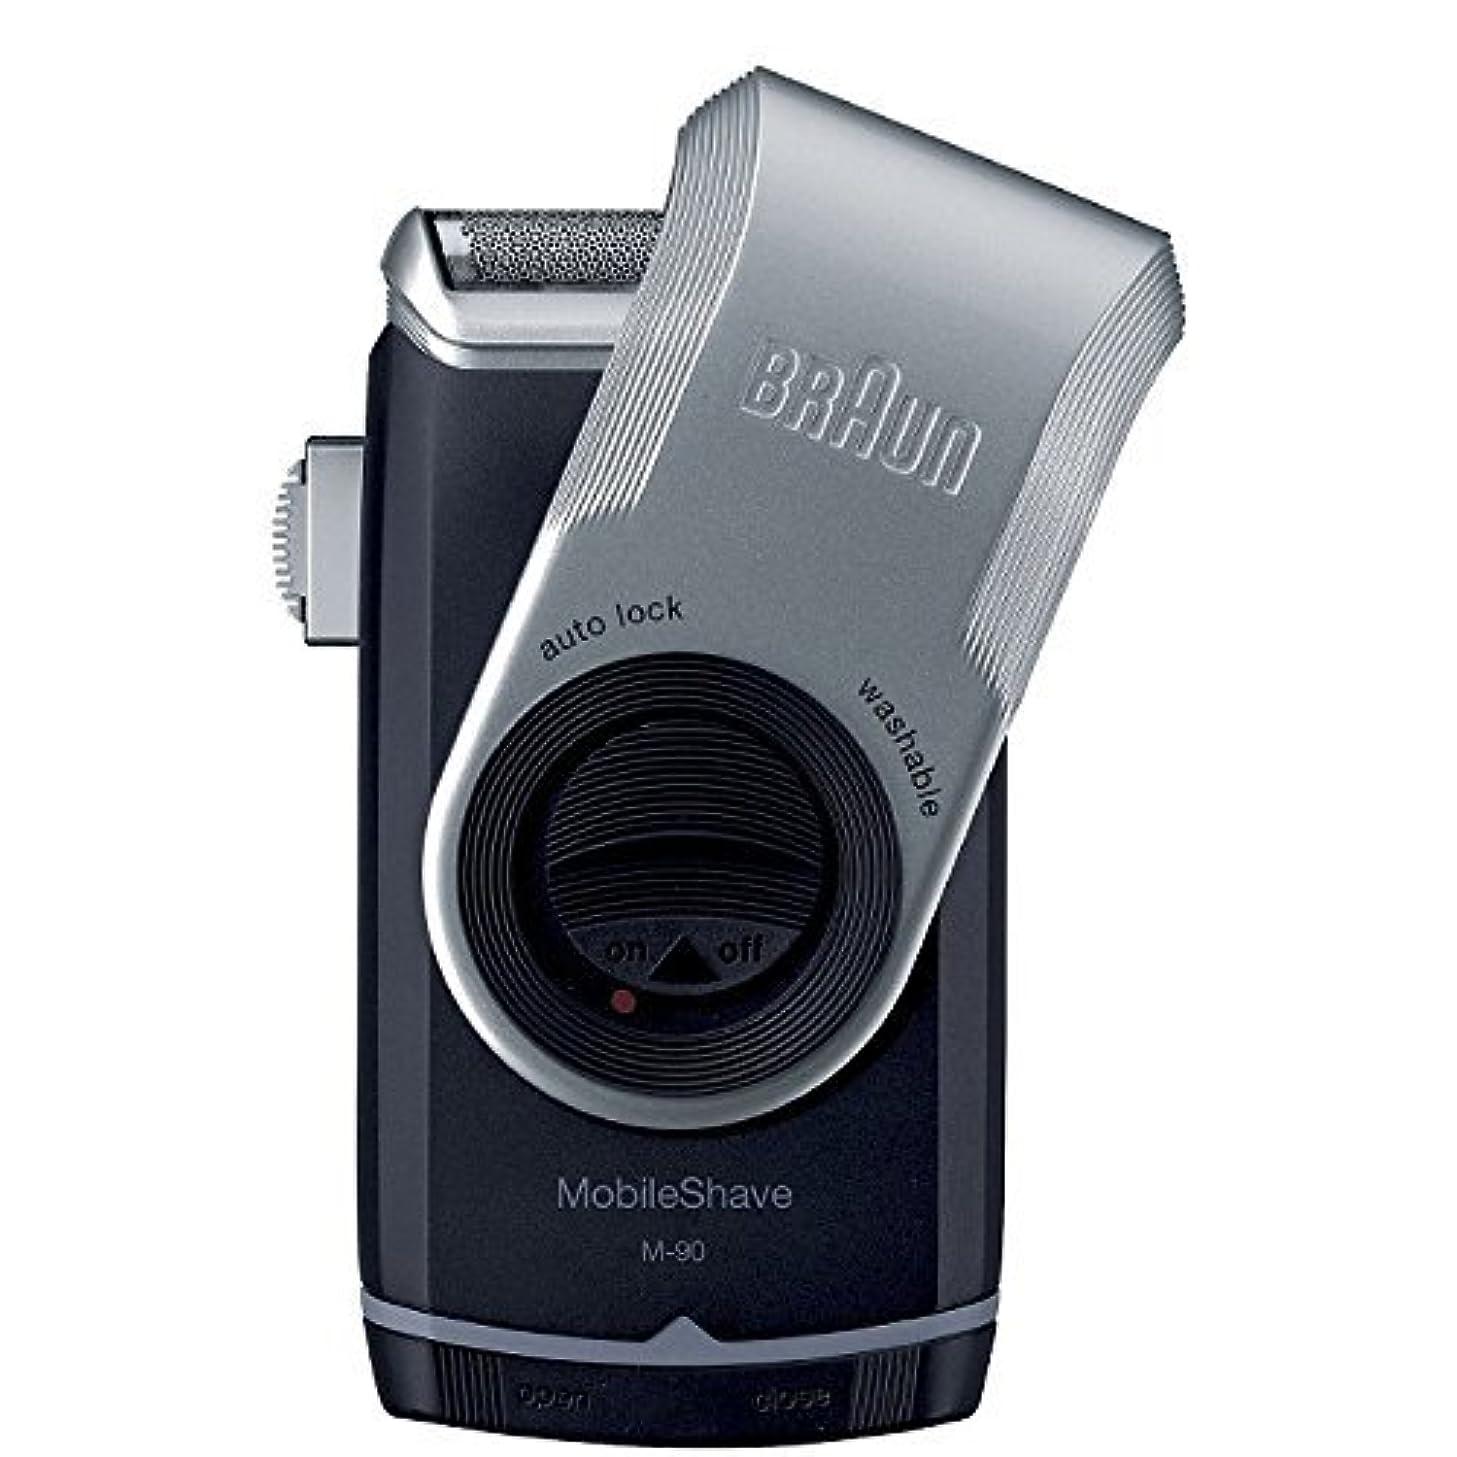 トロリーバス添加Braun M90 Pocketgo Mobileshave スマートホイルでポータブルシェーバー [並行輸入品]